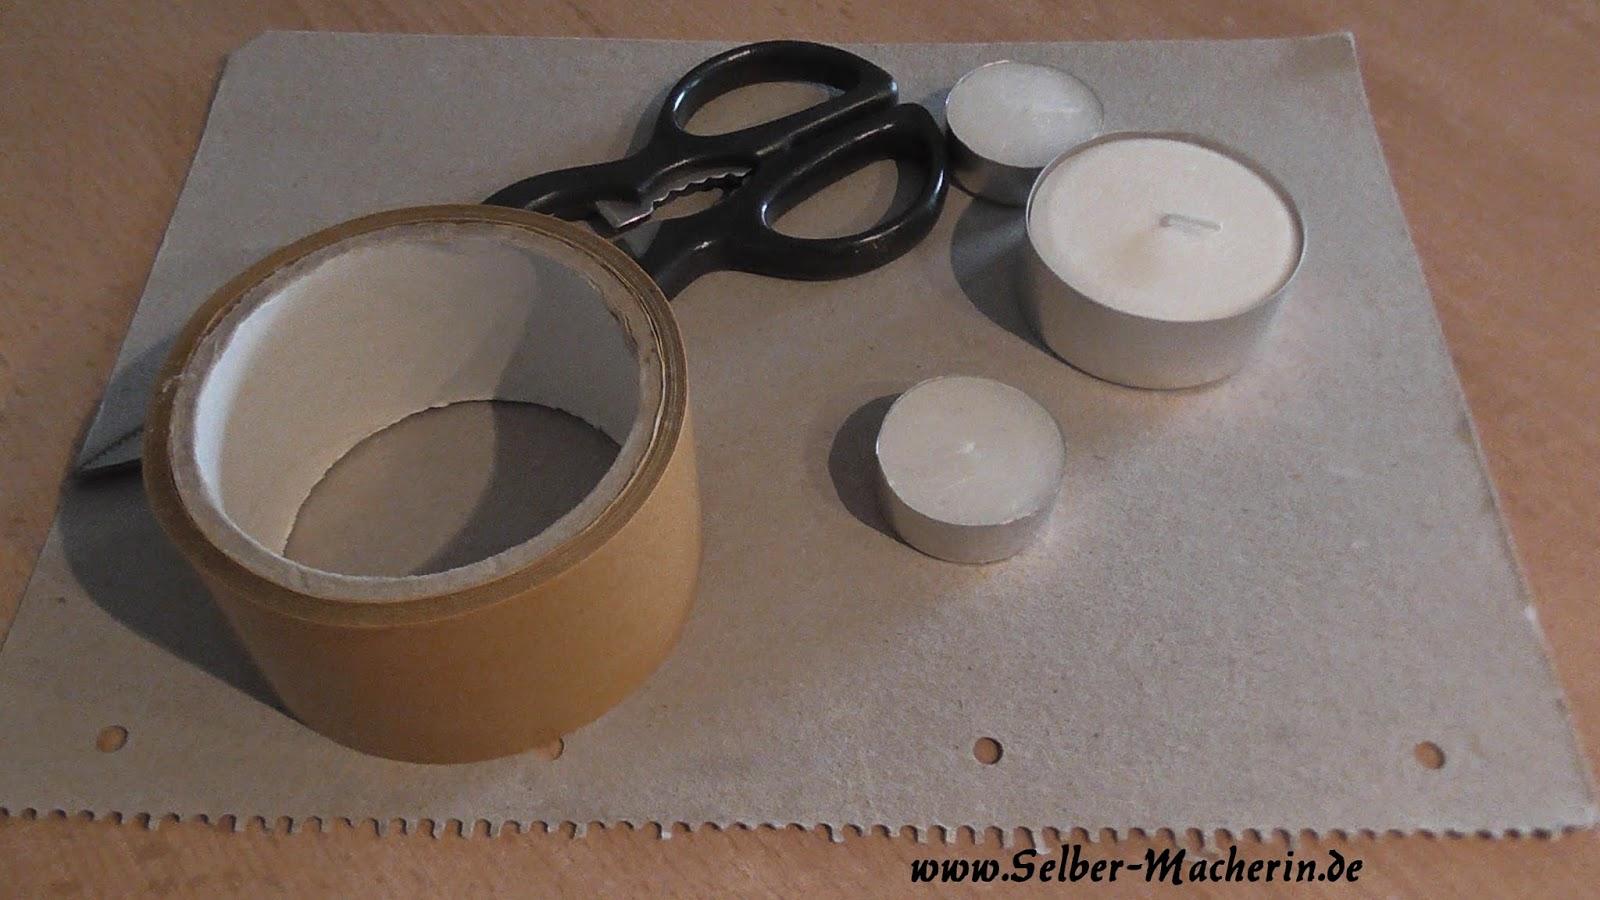 wachsflecken aus tischdecke entfernen wachsflecken entfernen so werden sie kerzenwachs los. Black Bedroom Furniture Sets. Home Design Ideas